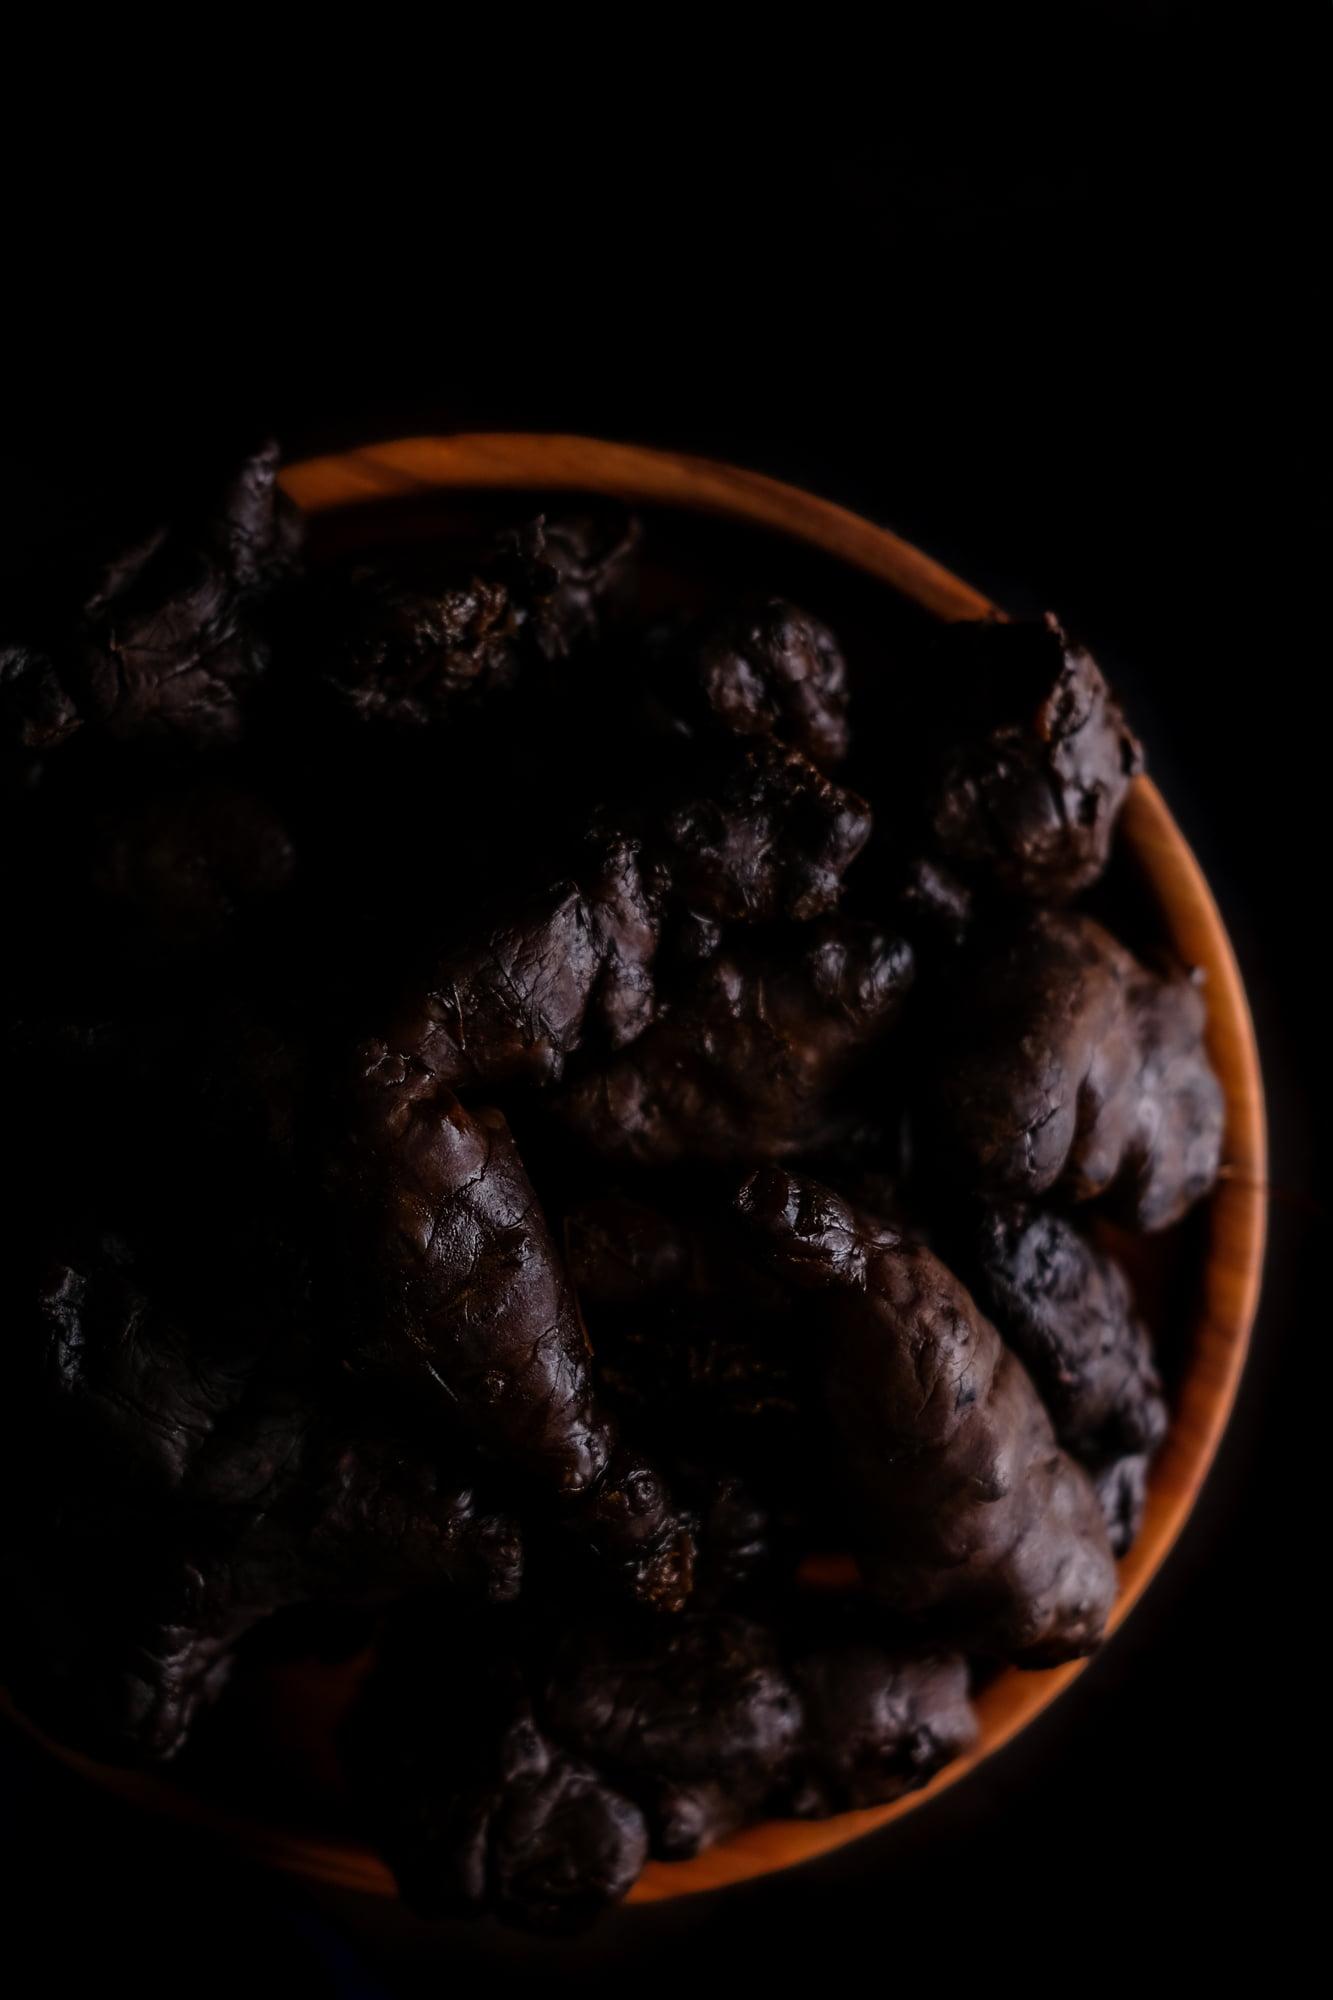 https://www.chilarestaurant.com/vegetales-negros/07_07_chila-7756/